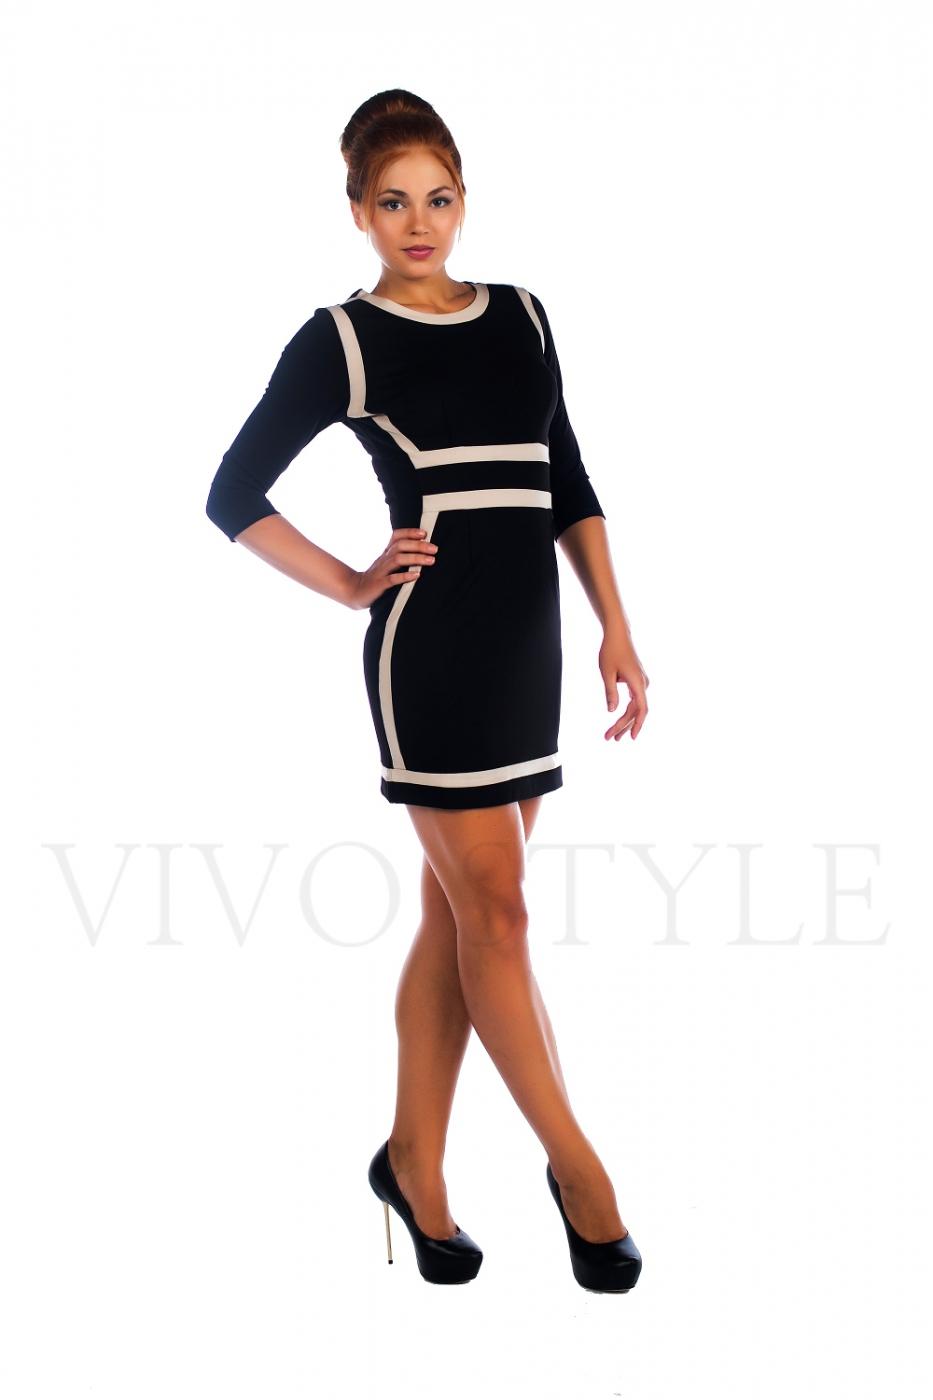 Сайт женской одежды больших размеров с доставкой